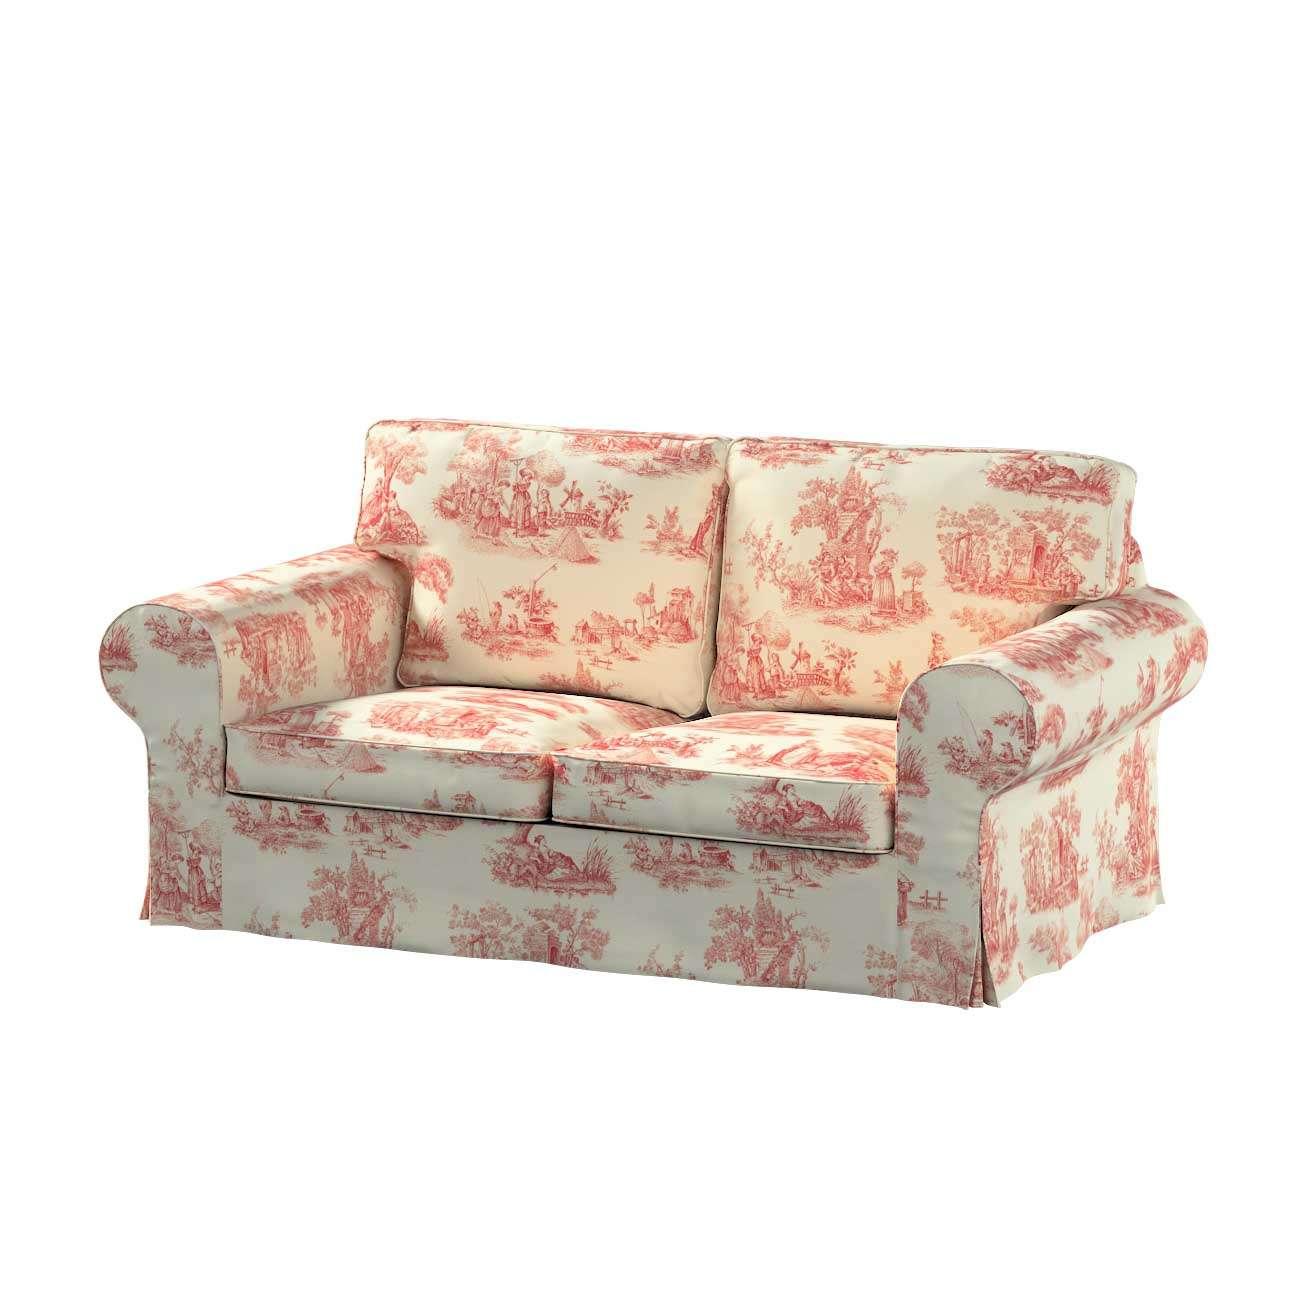 Pokrowiec na sofę Ektorp 2-osobową, rozkładaną STARY MODEL Sofa Ektorp 2-osobowa rozkładana w kolekcji Avinon, tkanina: 132-15